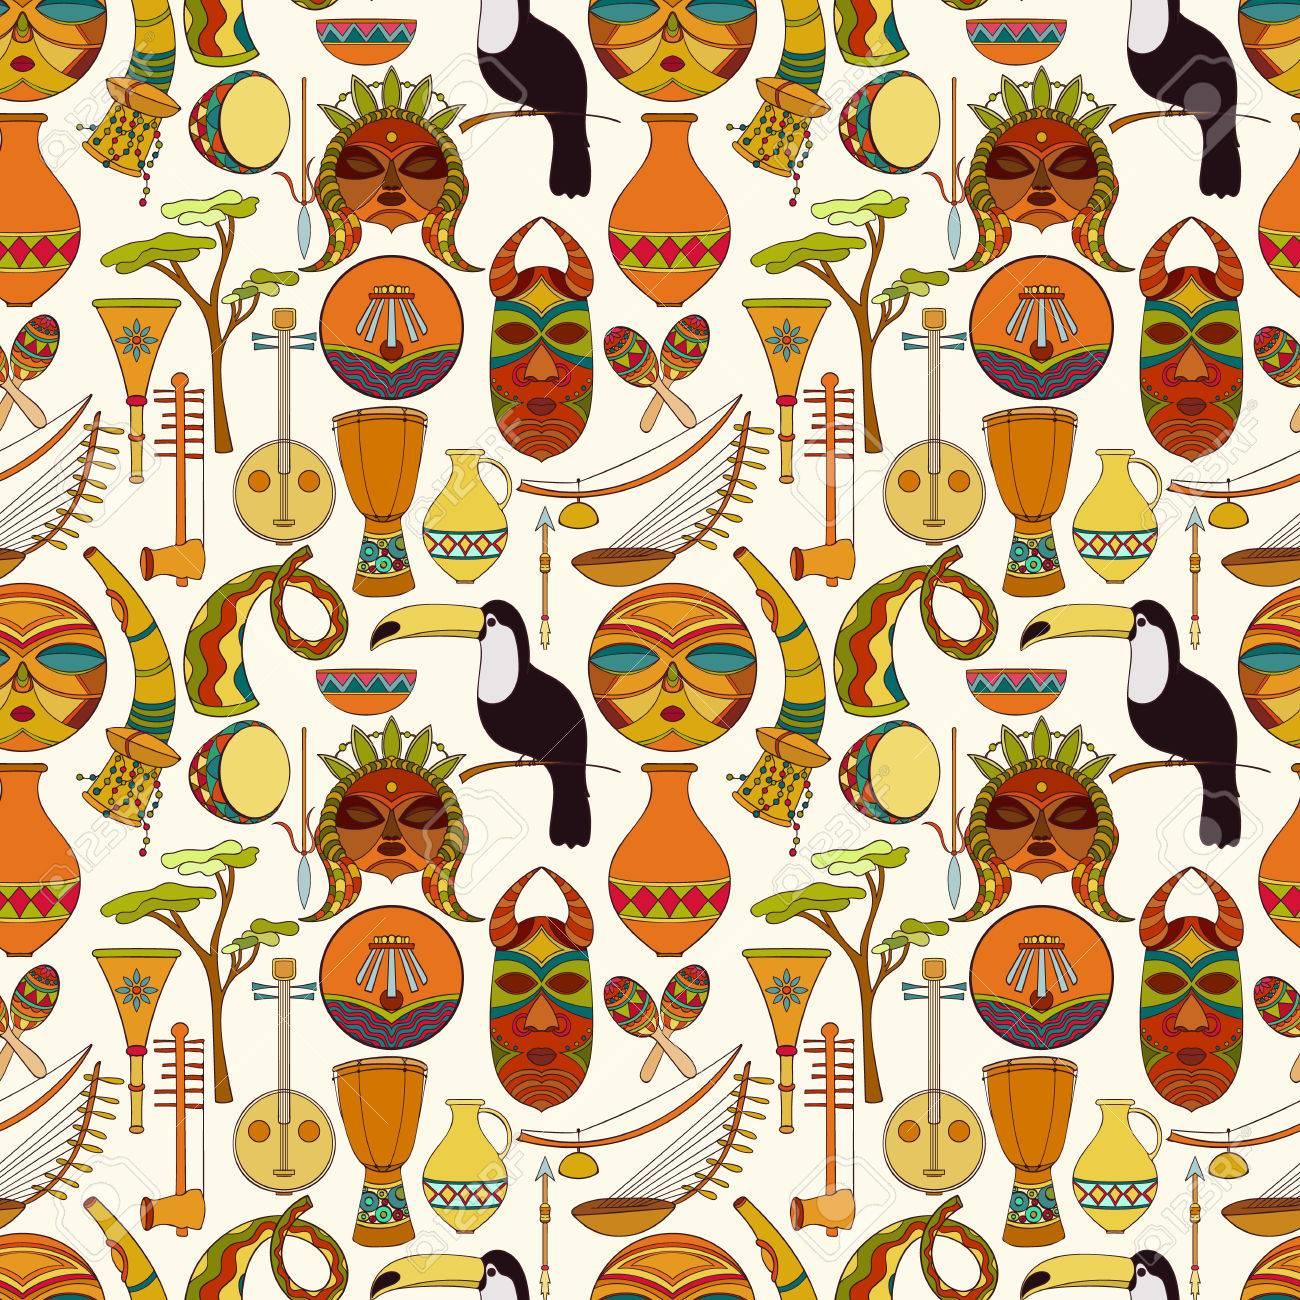 main dessine modele africain sans soudure vector illustration peut etre utilise pour le papier peint fond site papier d emballage elements